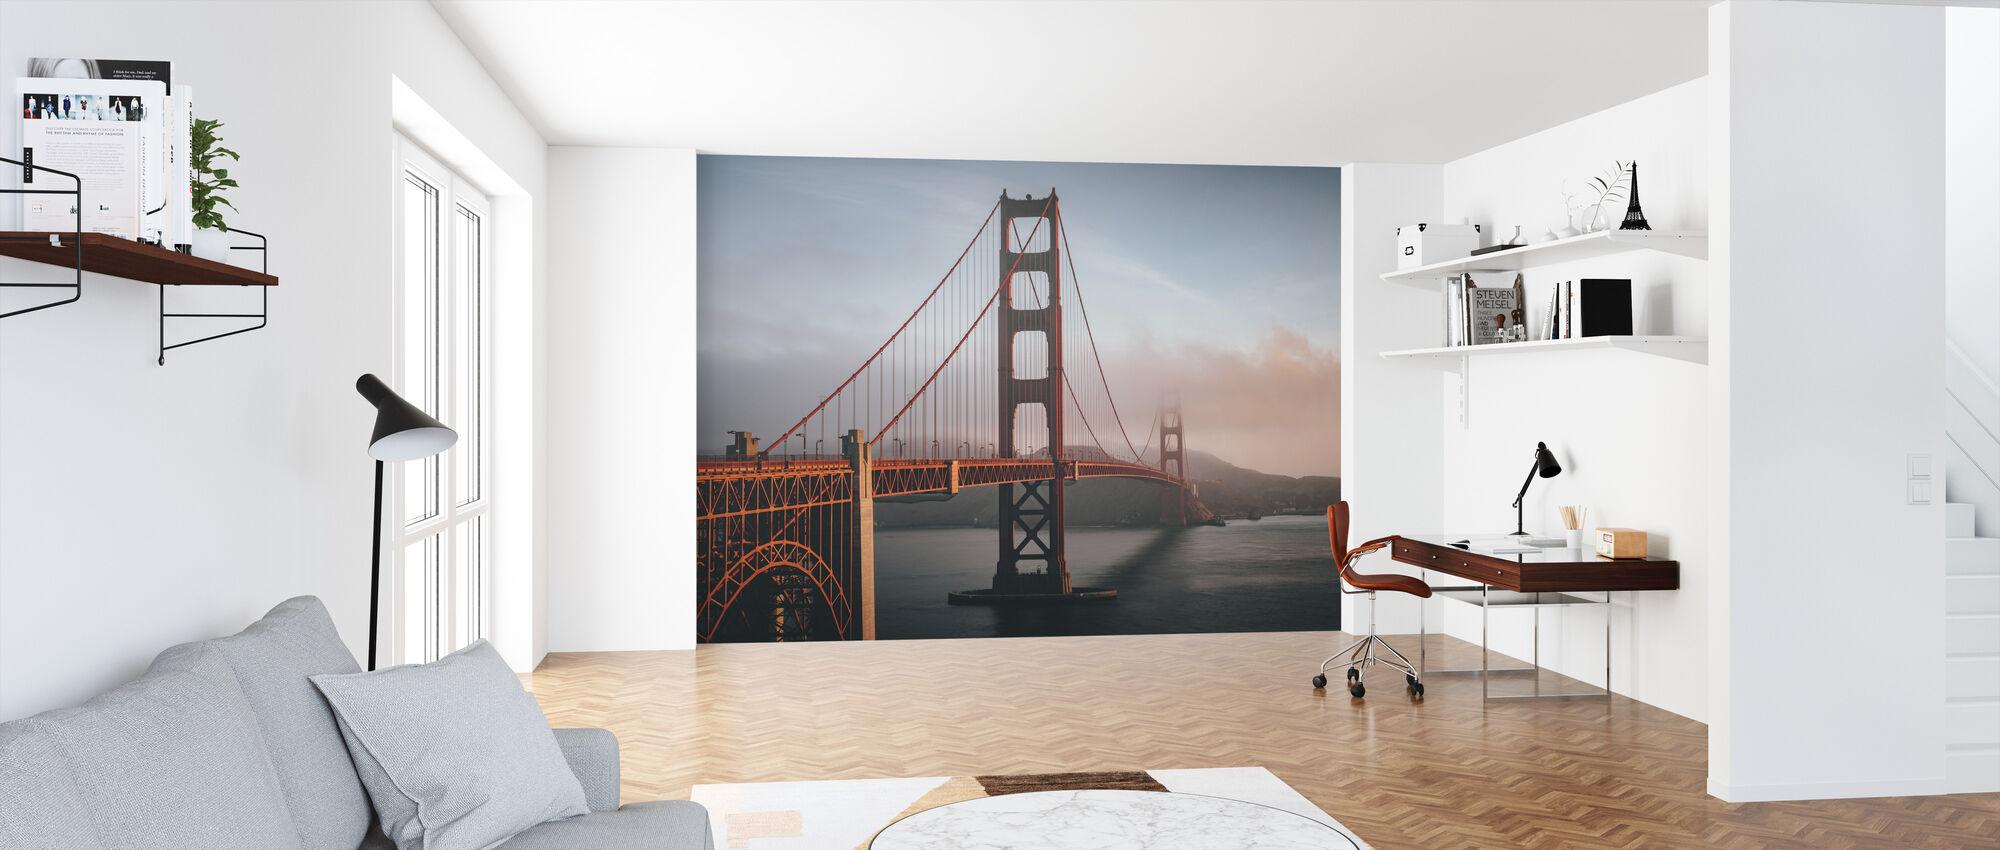 Golden Gate in Fog - Wallpaper - Office